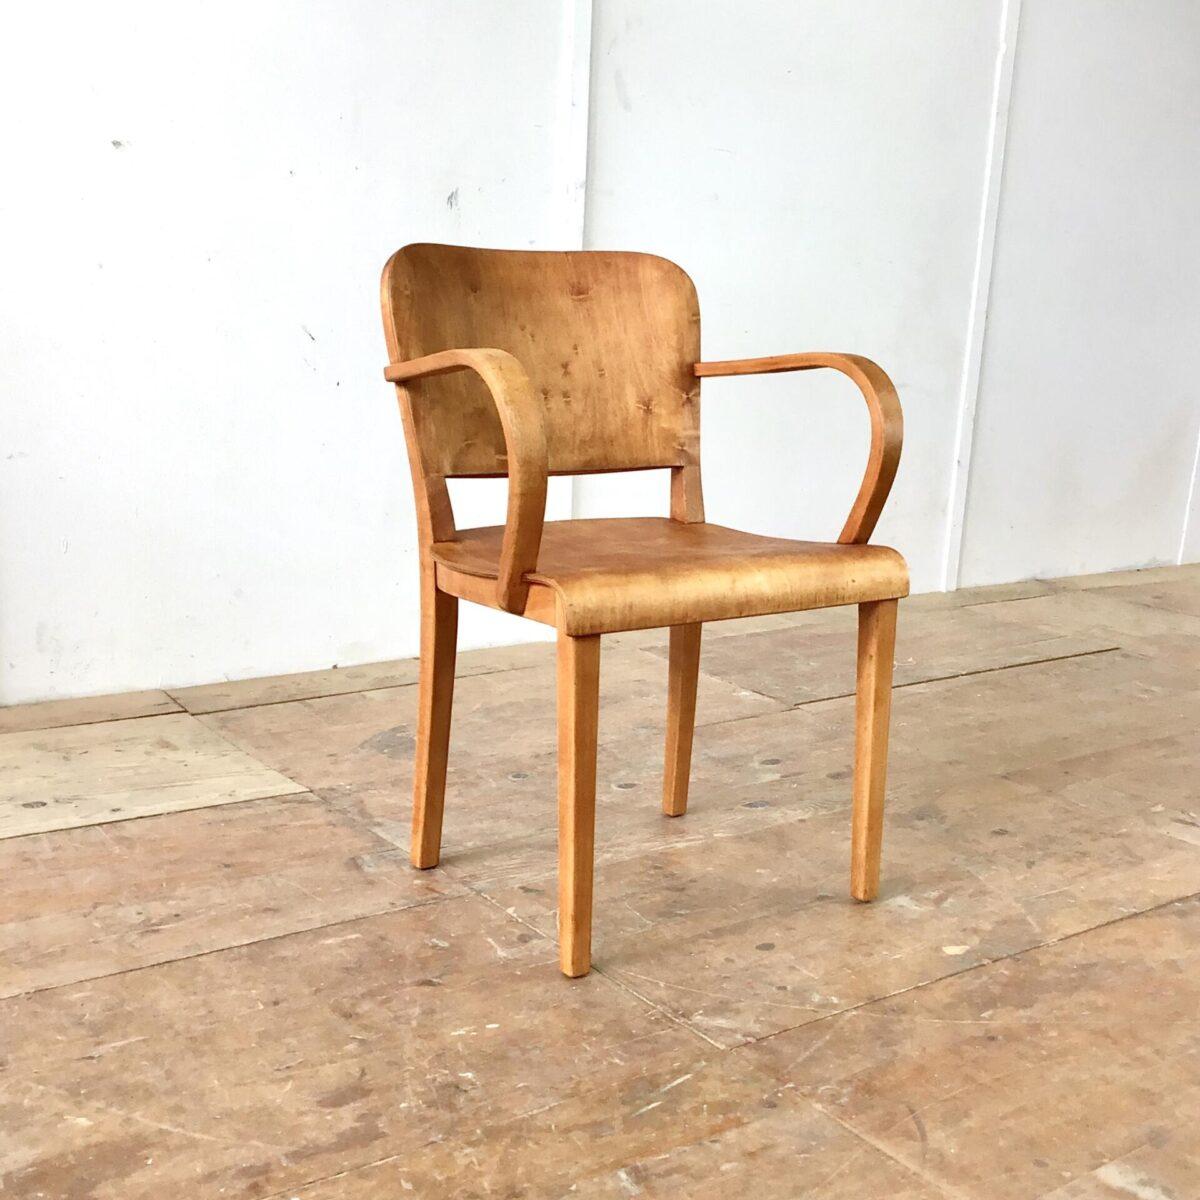 Gut erhaltener Armlehnstuhl von horgenglarus. Komplett Geschliffen und geölt. Warme Matte, leicht rötliche Ausstrahlung. Durch seine breite und sehr ergonomische Ausarbeitung kann man ihn gut mit Armlehnsessel bezeichnen.